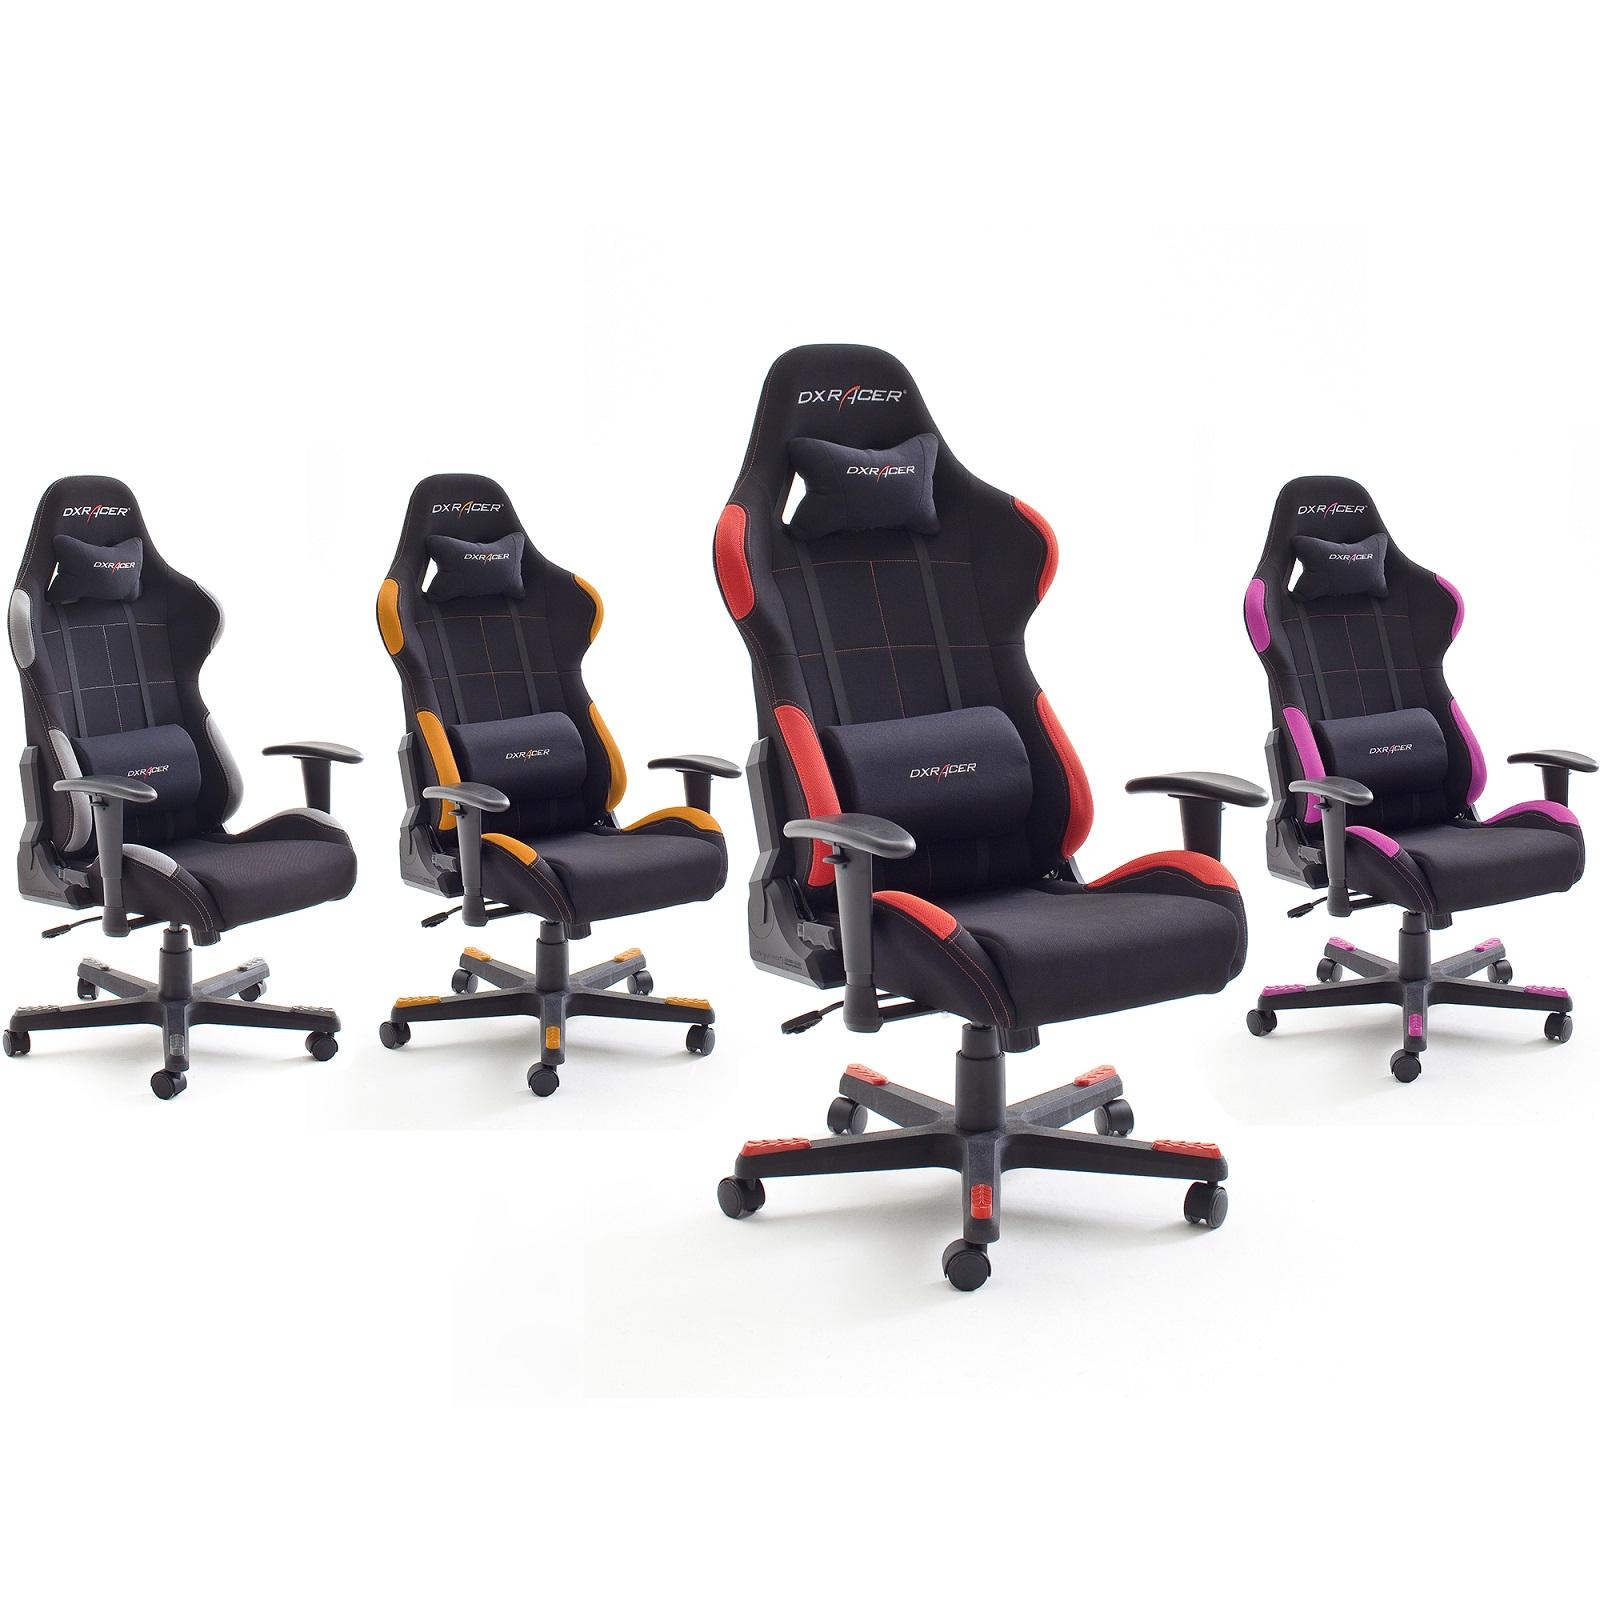 DXRacer F-Serie, Computerstuhl, Drehstuhl, Gamer Chair, Racer, Formula